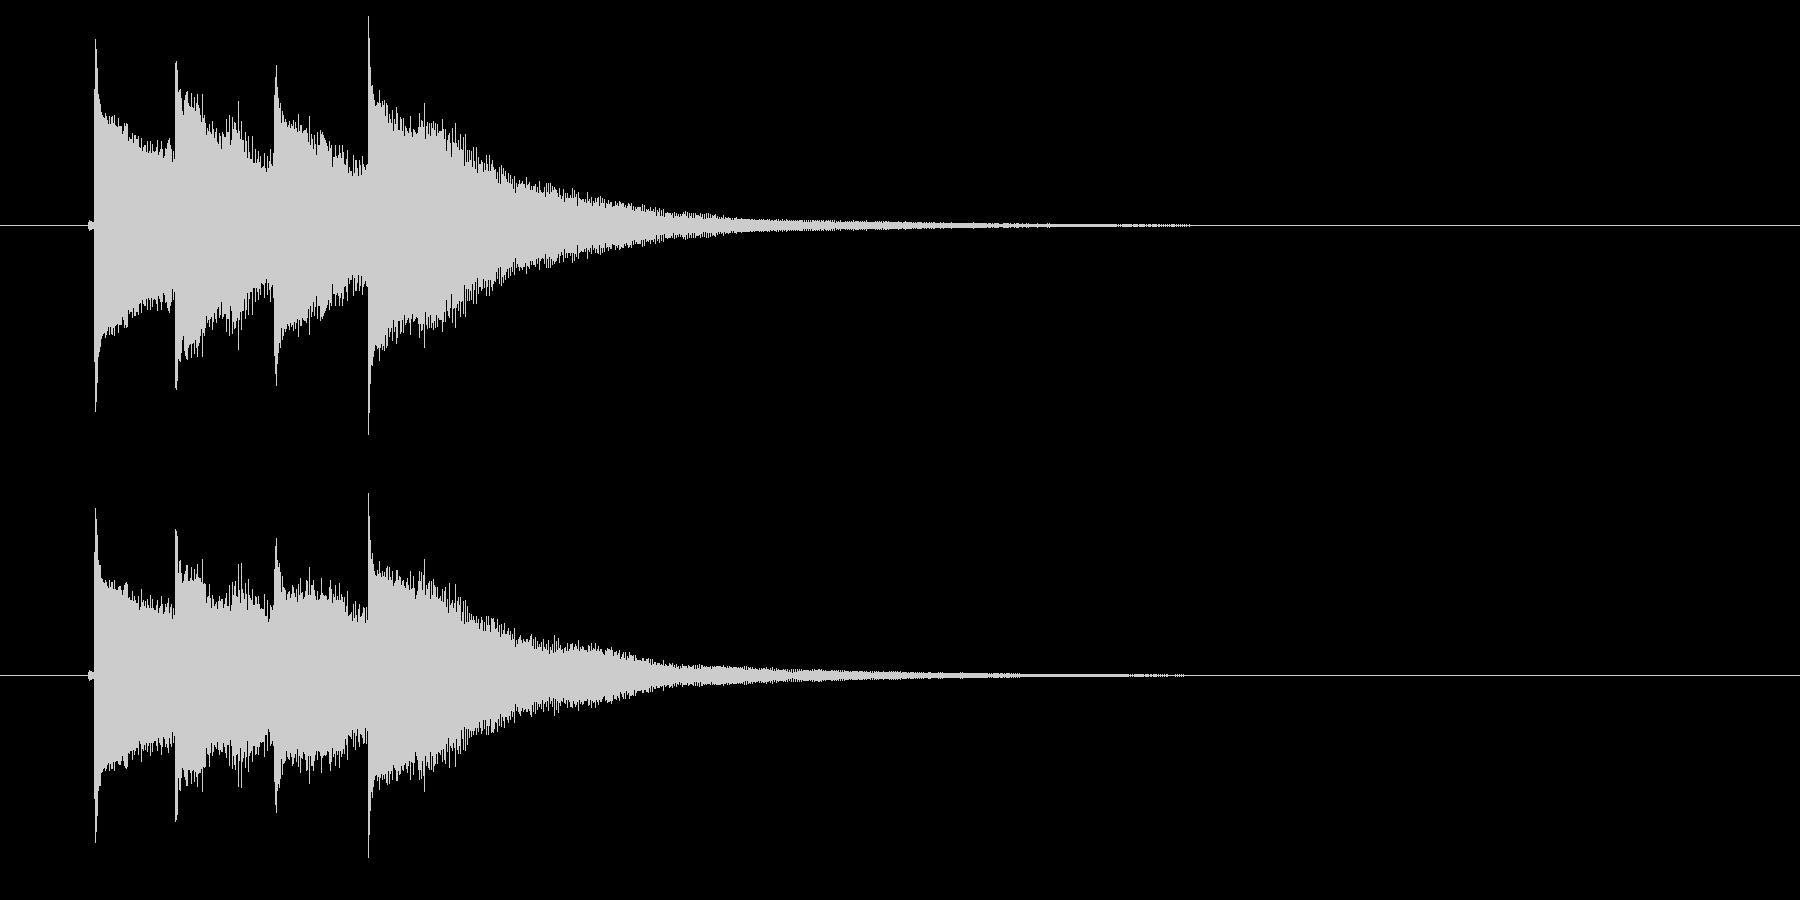 テュラララン(ひらめき音)の未再生の波形